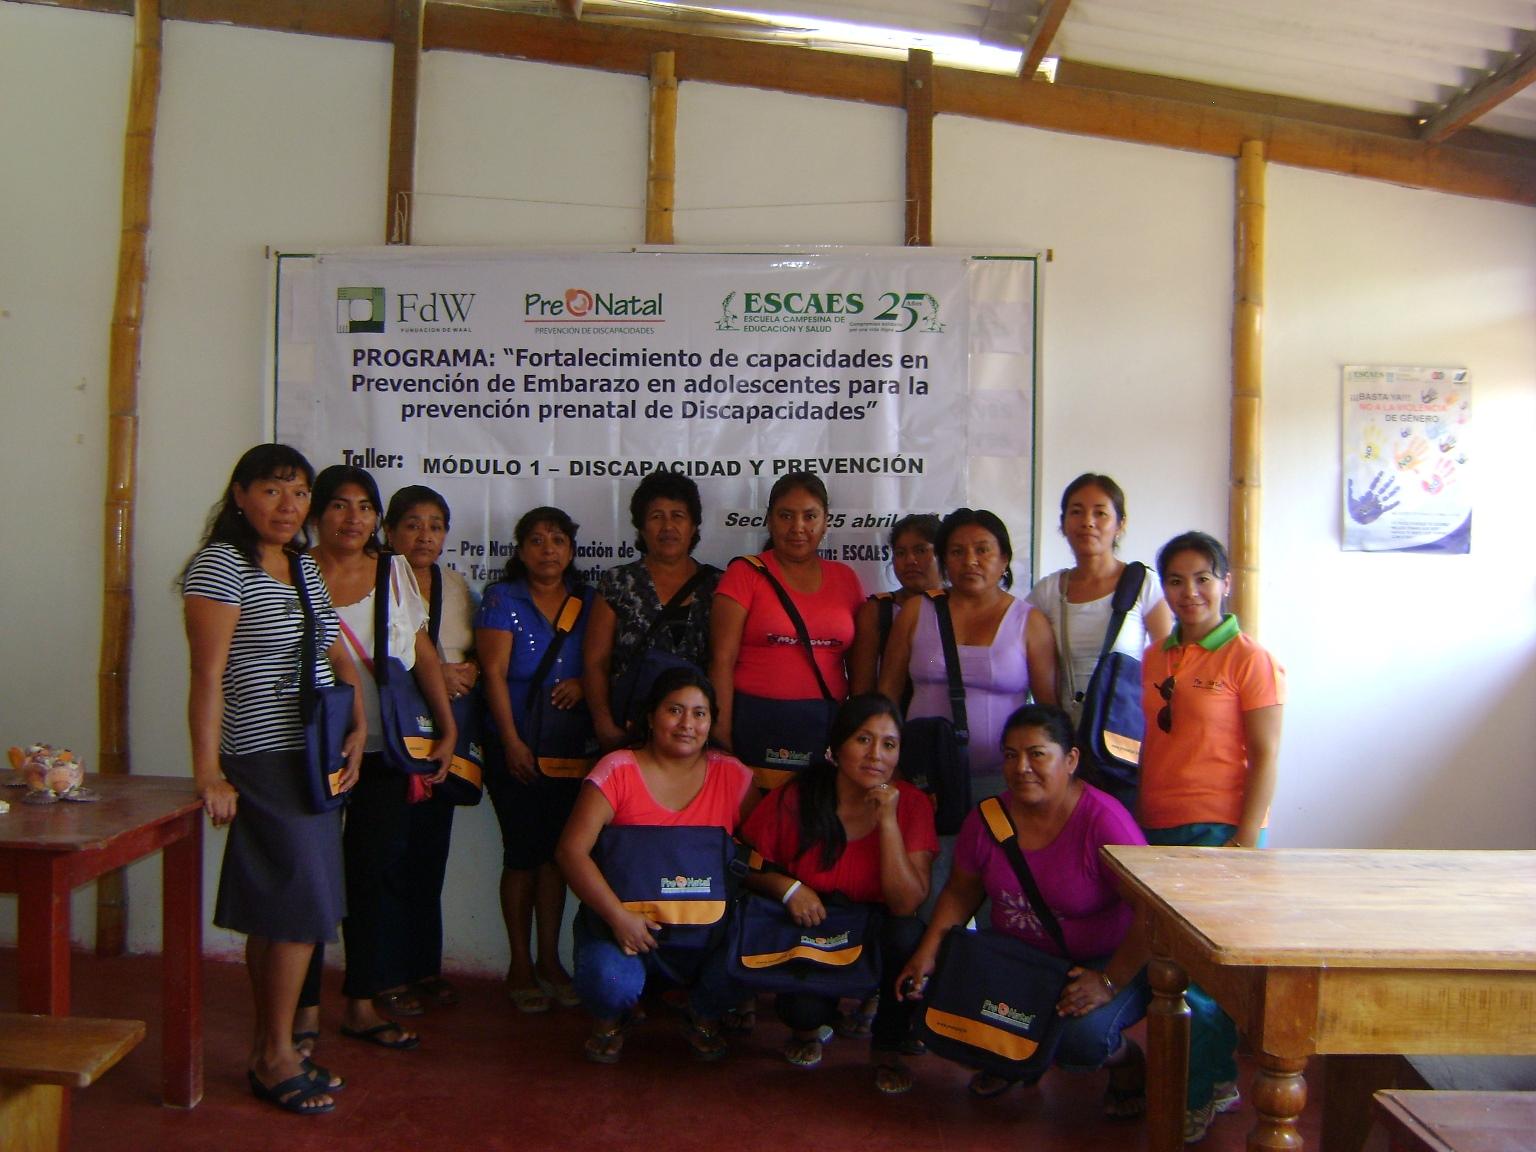 ESCAES y Fundación De Waal en alianza para la Prevención Prenatal de Discapacidades en la provincia de Sechura